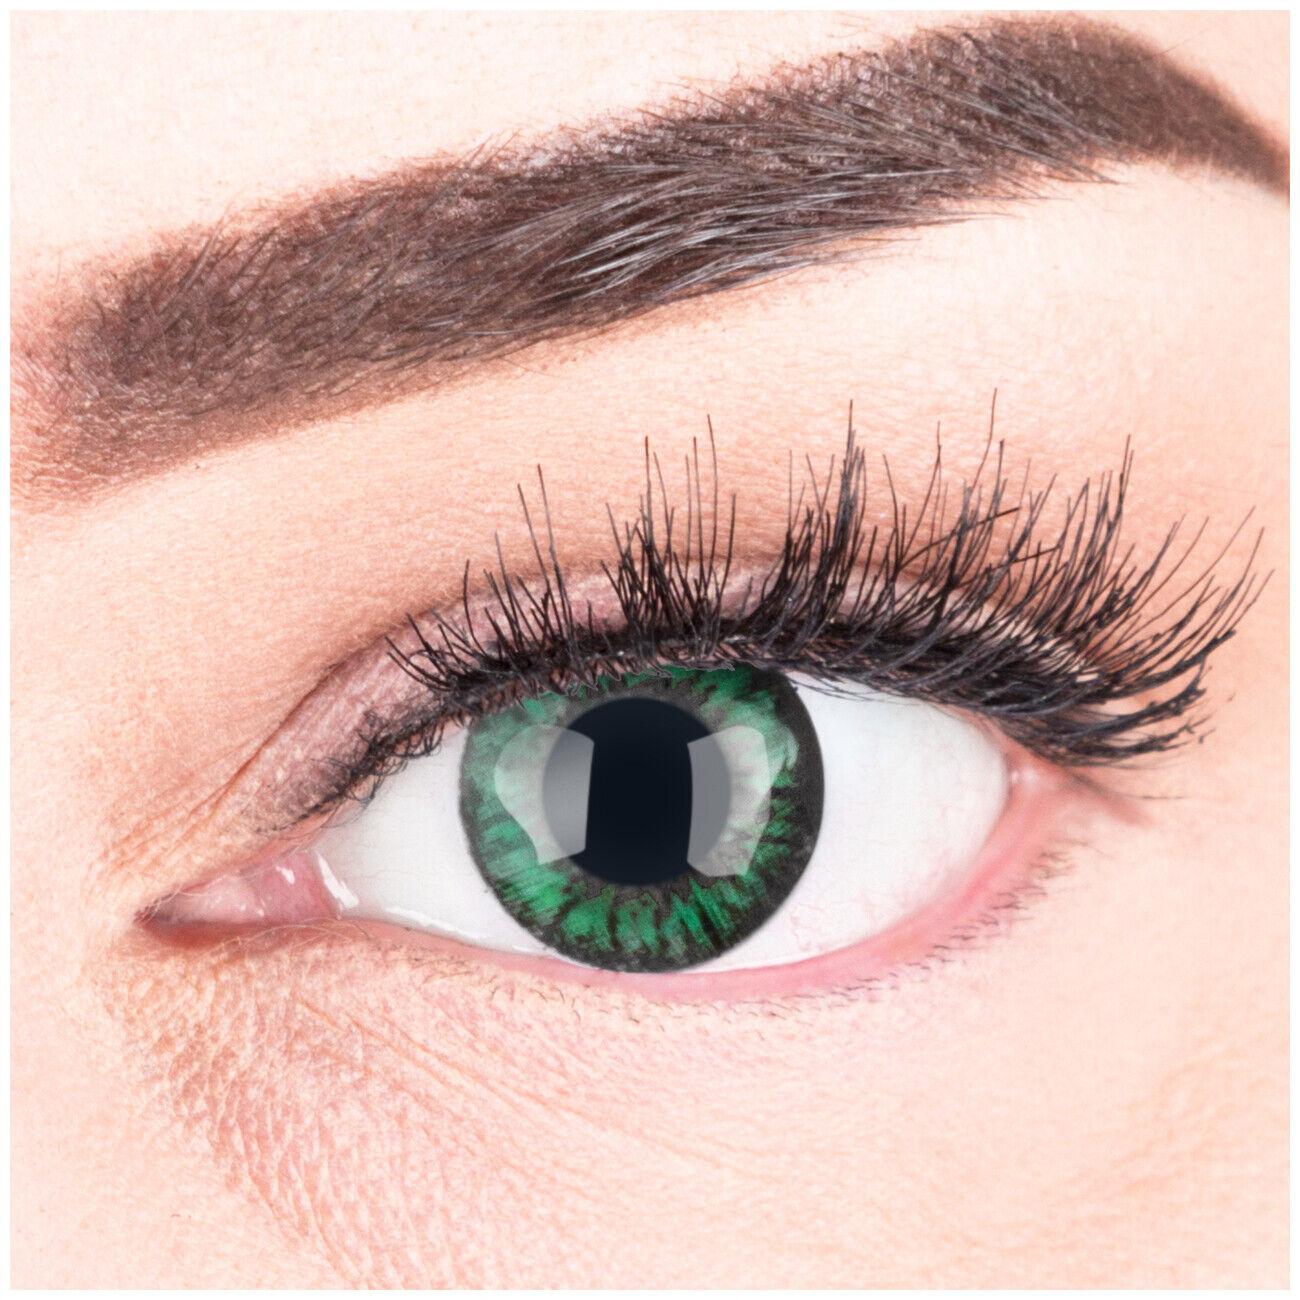 Farbige Kontaktlinsen mit ohne Stärke Big Eyes große Augen braun blau grün grau